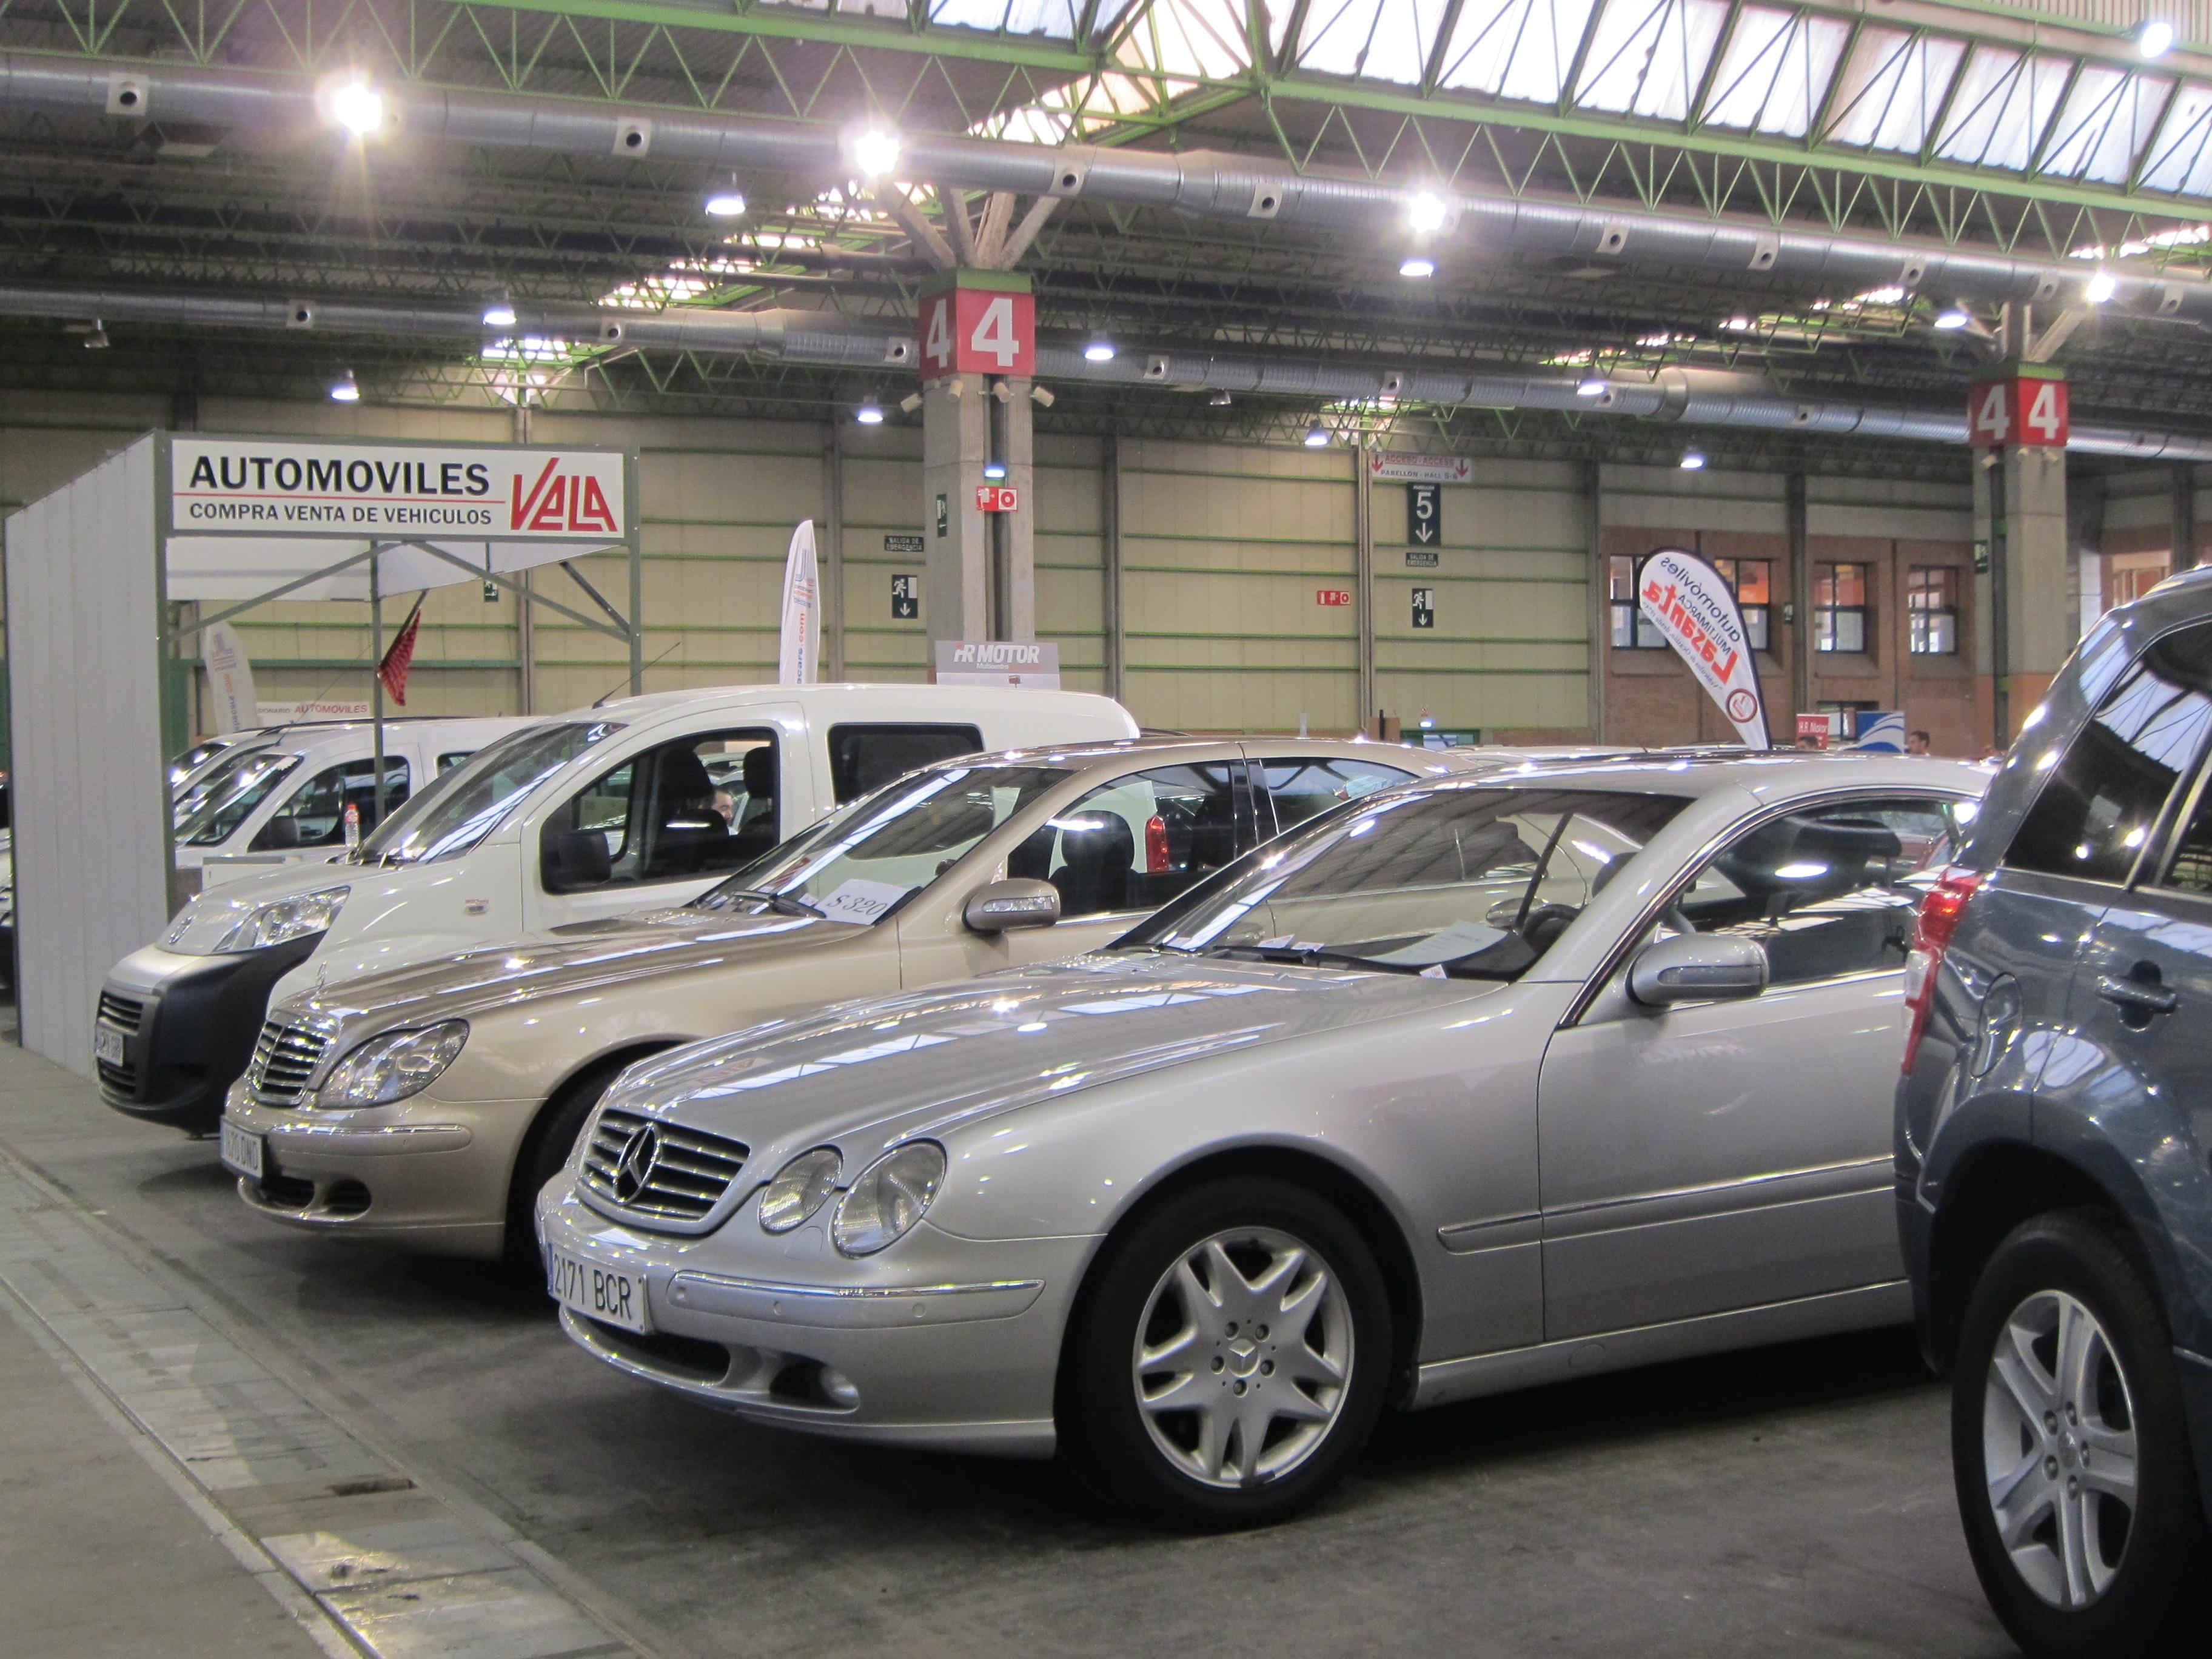 Las ventas de coches usados crecen un 7,6% en lo que va de año en Asturias